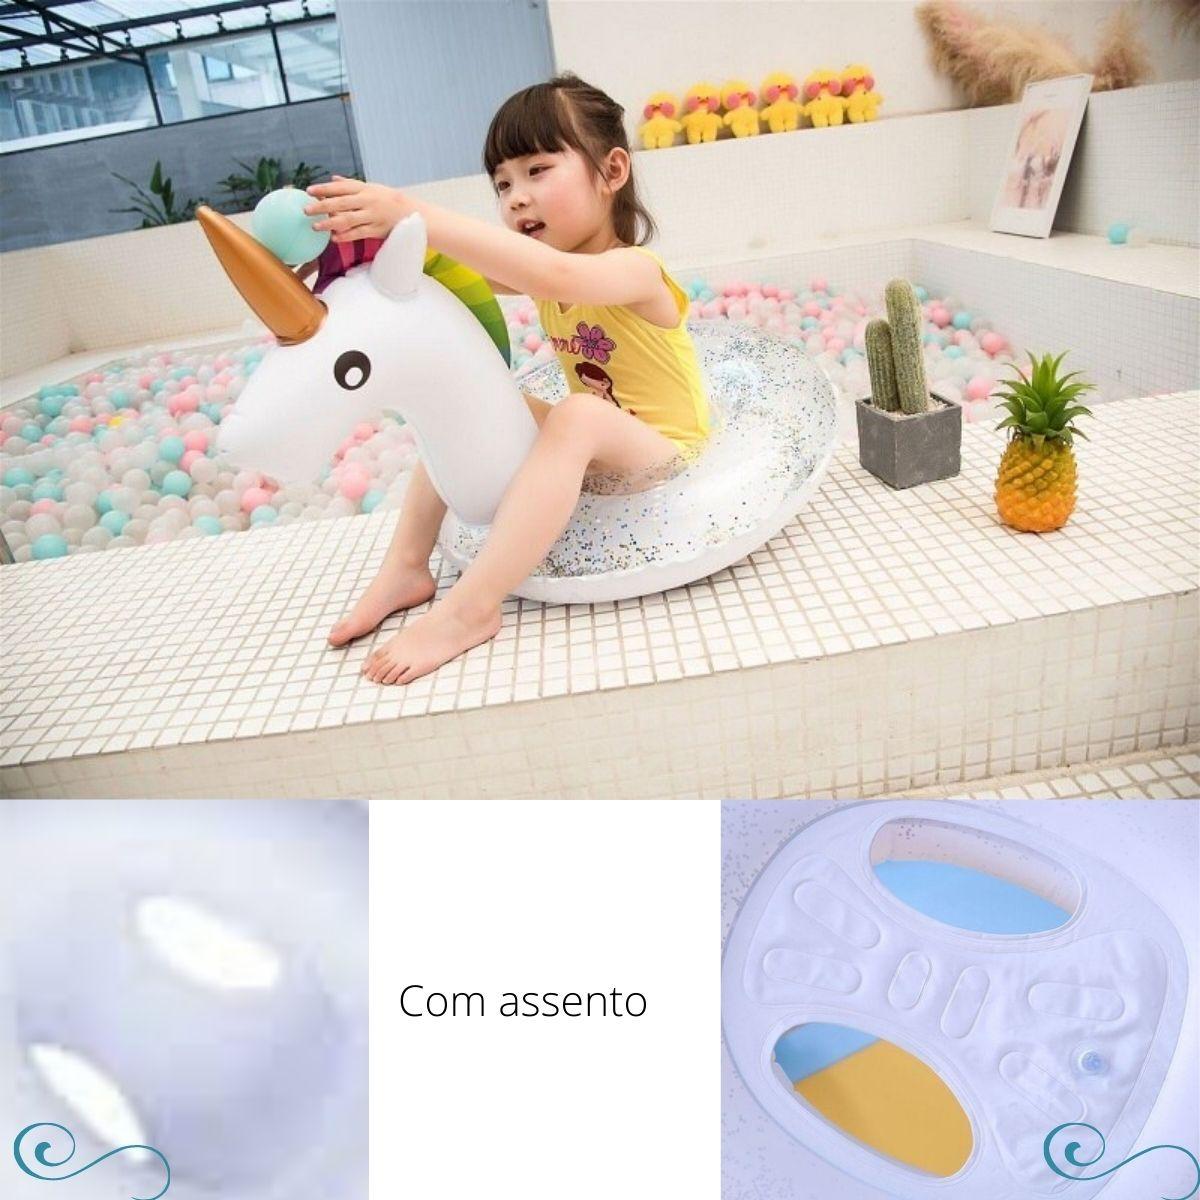 Boia Bote Inflável Infantil com Assento Unicórnio com Glitter